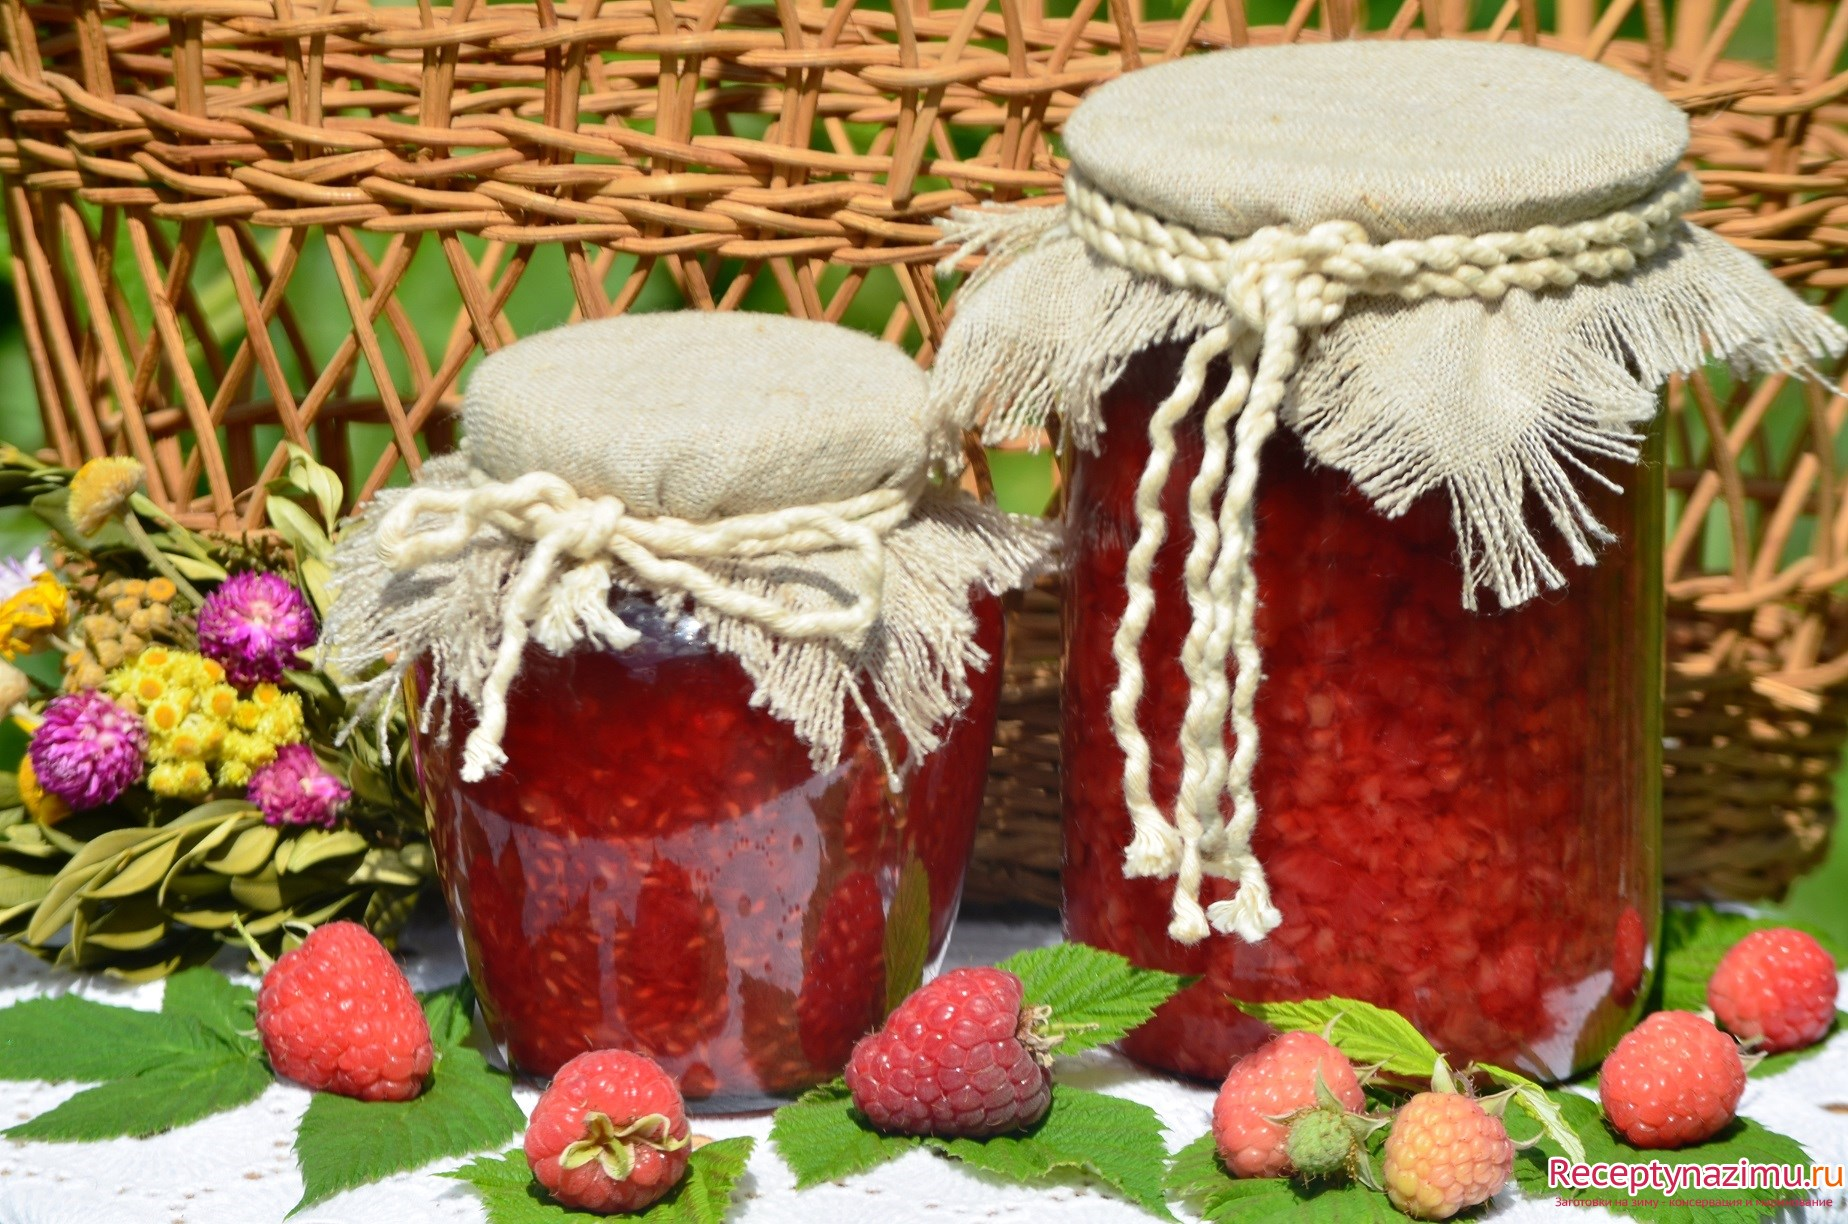 Как варить малиновое варенье на зиму рецепт пошагово в